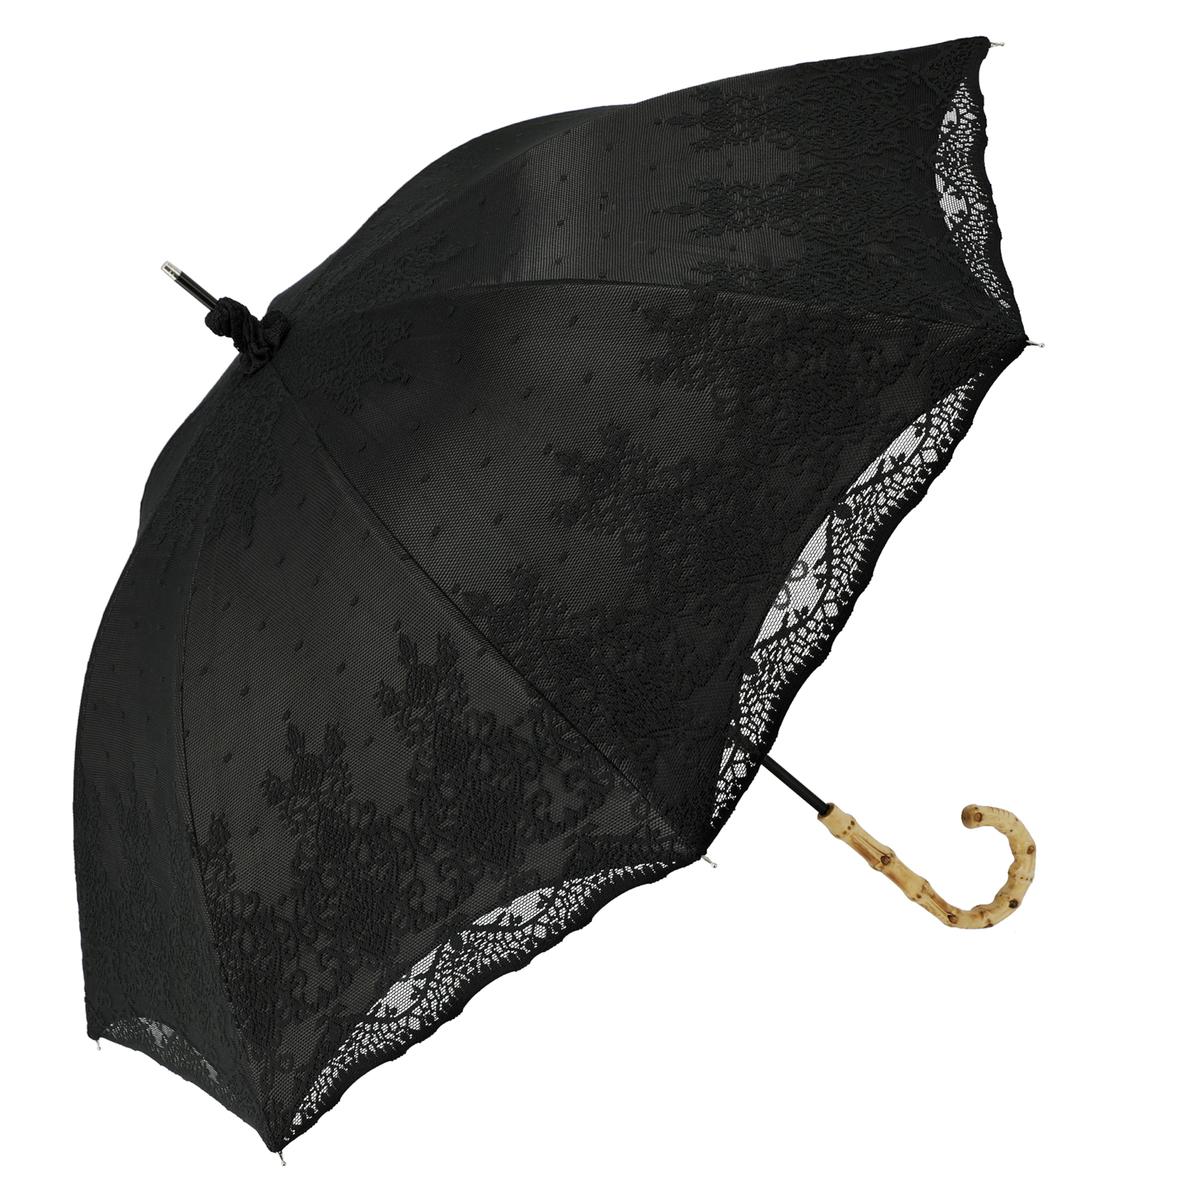 ルナジュメール UV+1級遮光+晴雨兼用 2重レース 長傘